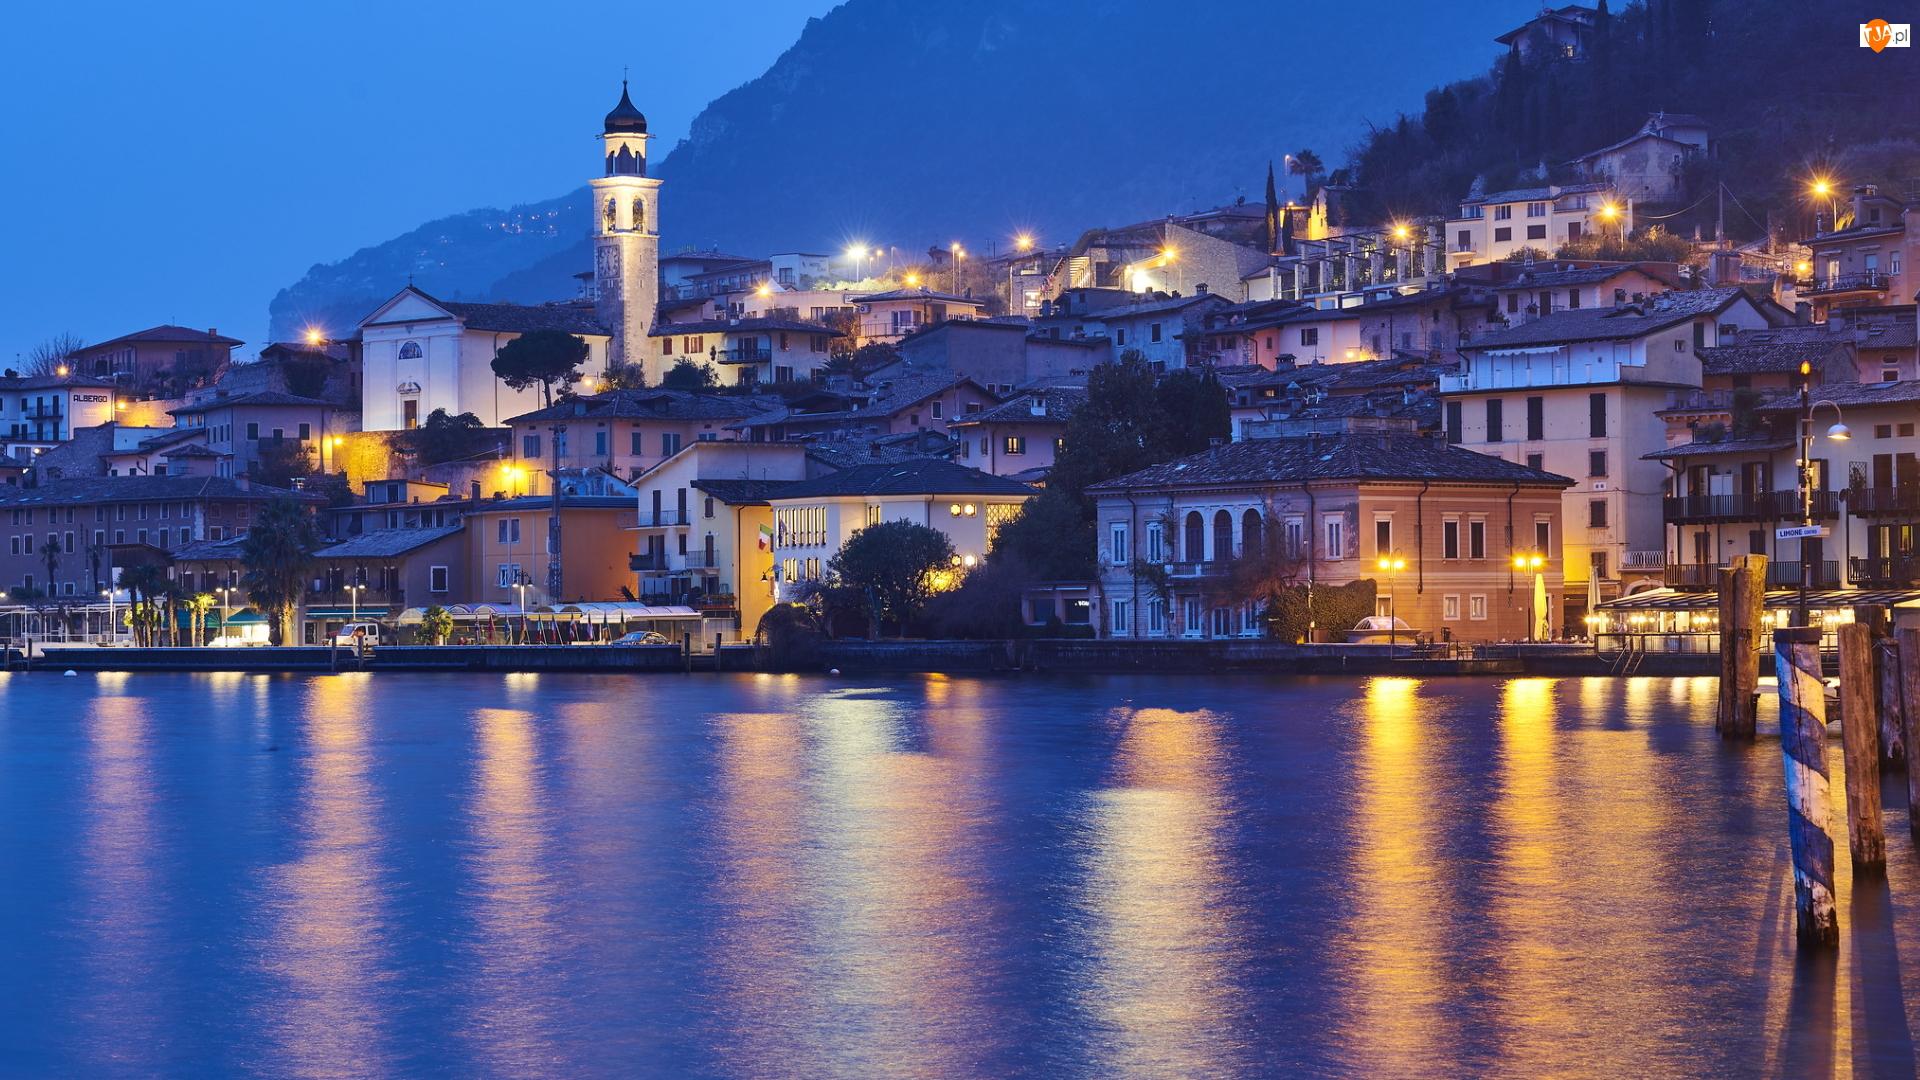 Jezioro Garda, Domy, Limone sul Garda, Włochy, Miejscowość, Lombardia